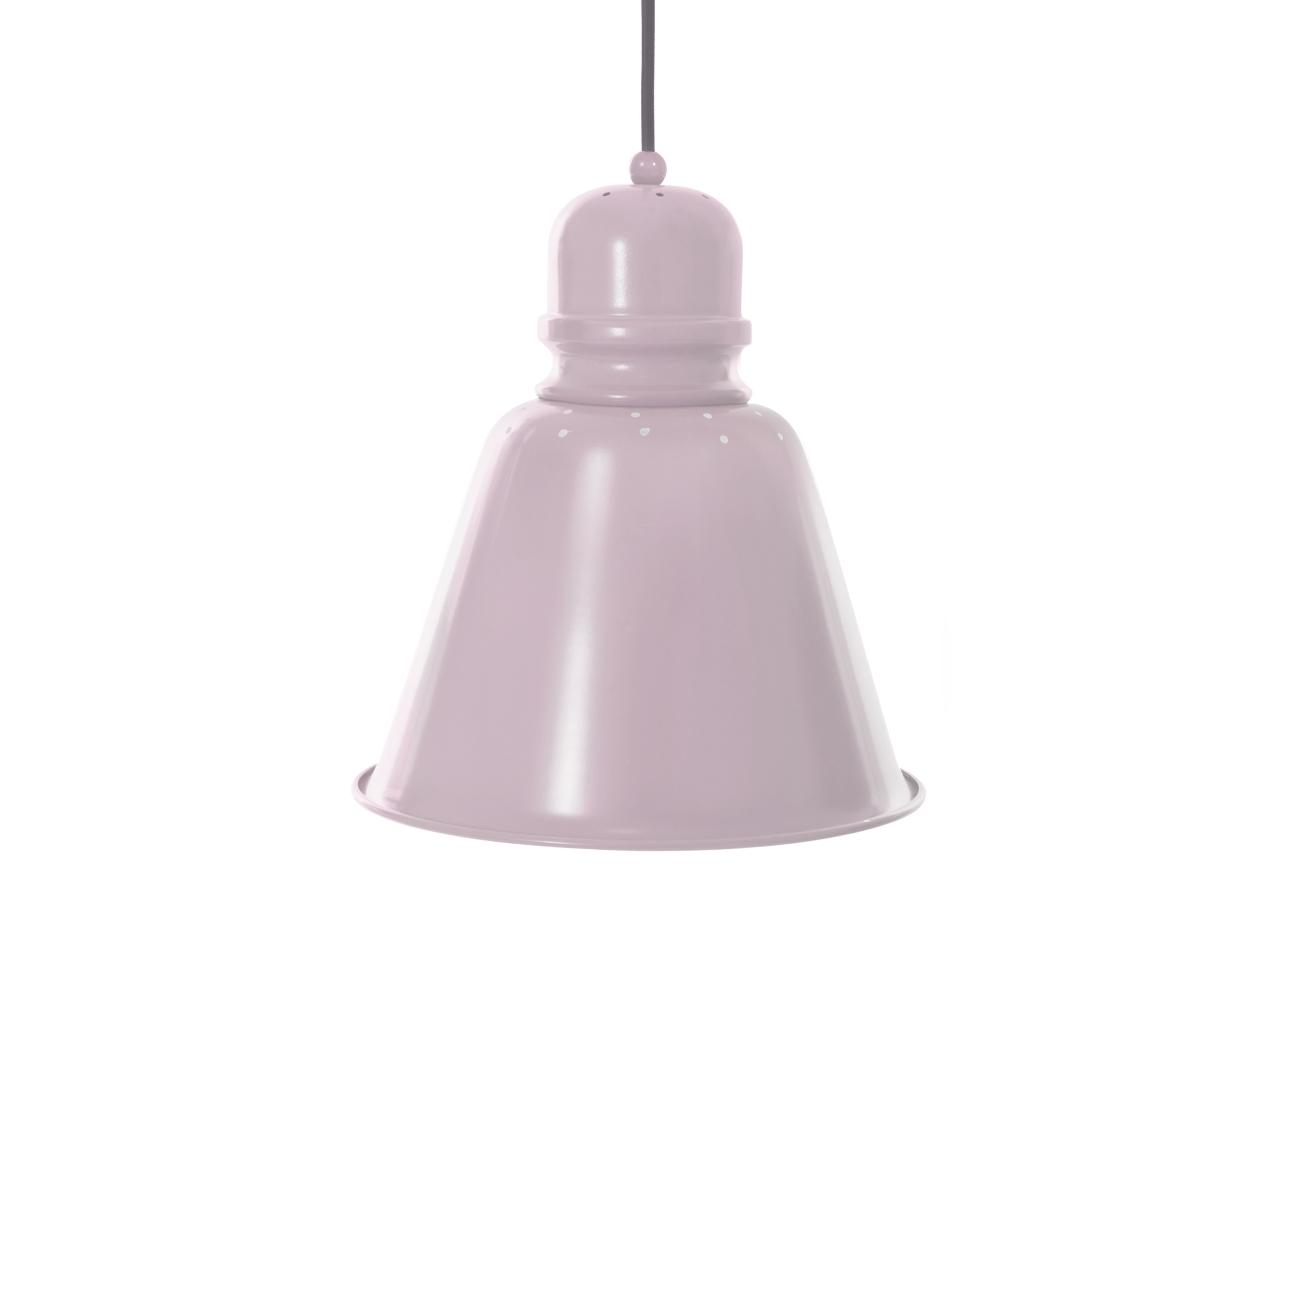 Metallampa XL rosa pastell, Sebra interiör